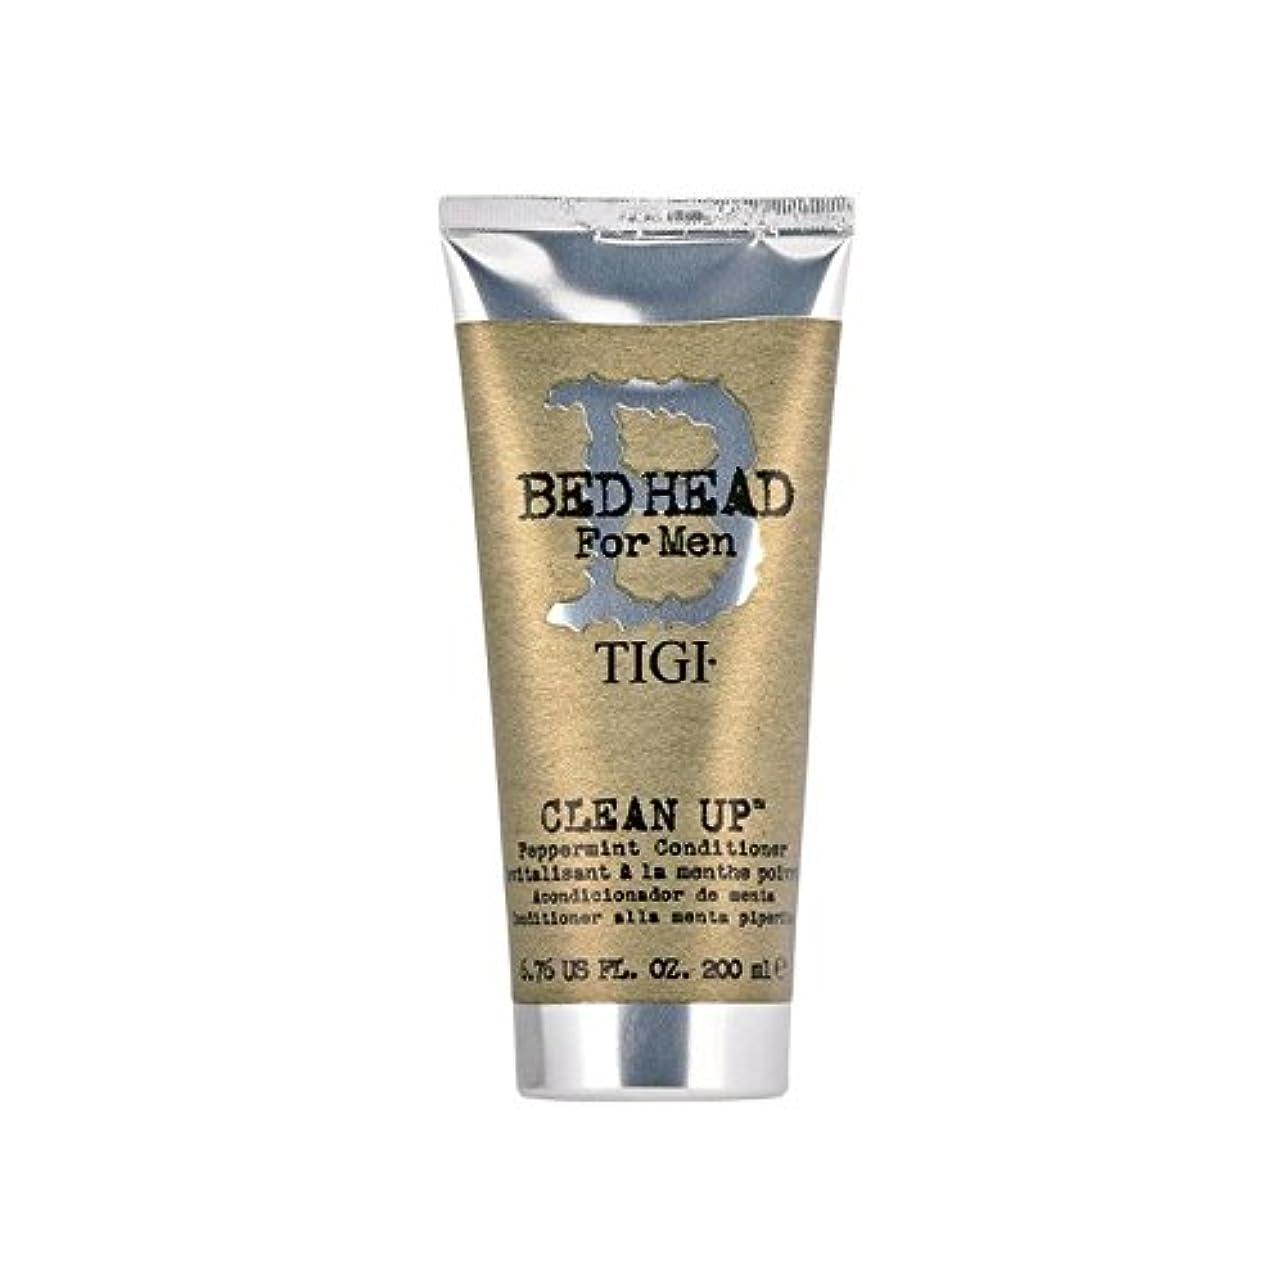 失態溶接鷲Tigi Bed Head For Men Clean Up Peppermint Conditioner (200ml) - ペパーミントコンディショナーをクリーンアップする男性のためのティジーベッドヘッド(200ミリリットル) [並行輸入品]